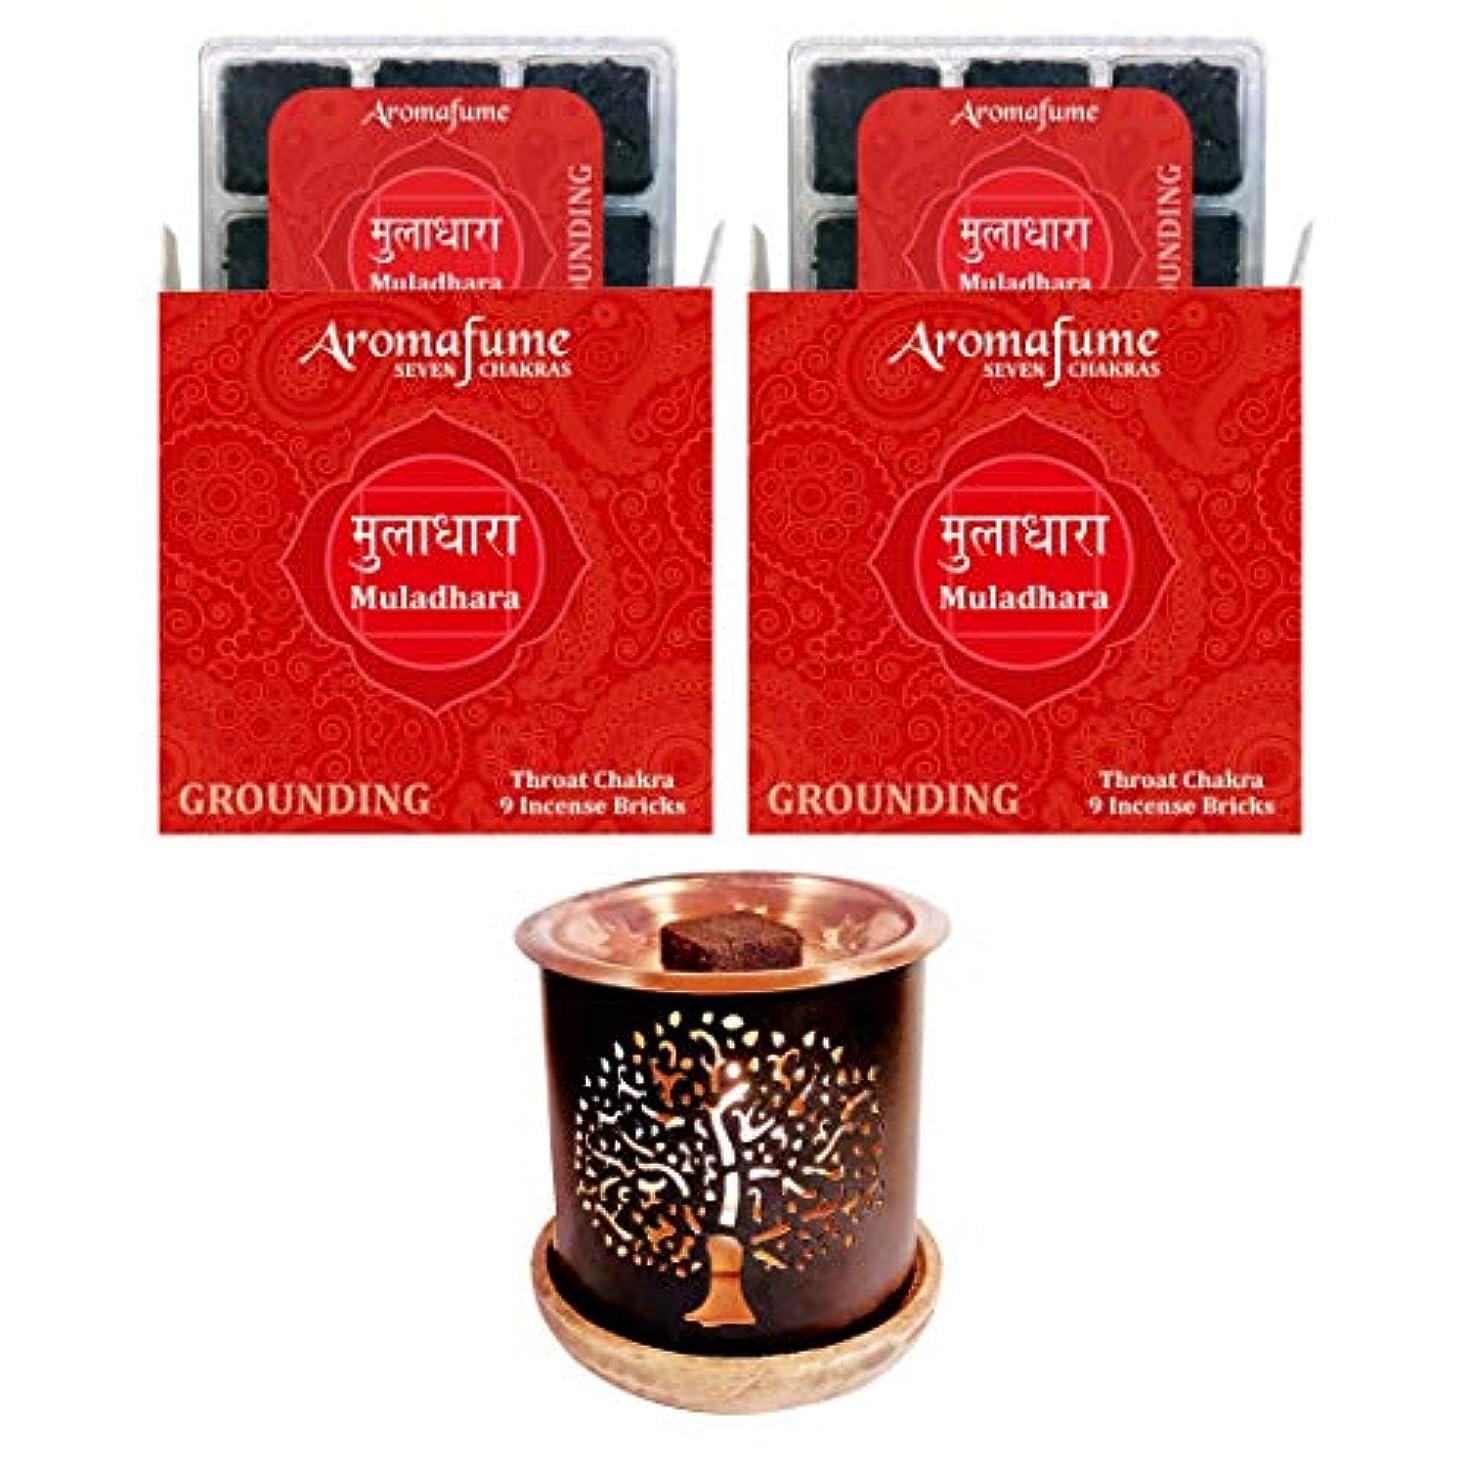 入口お願いしますペレグリネーションaromafume 7 Chakra Incense IncenseレンガDiffuser レッド